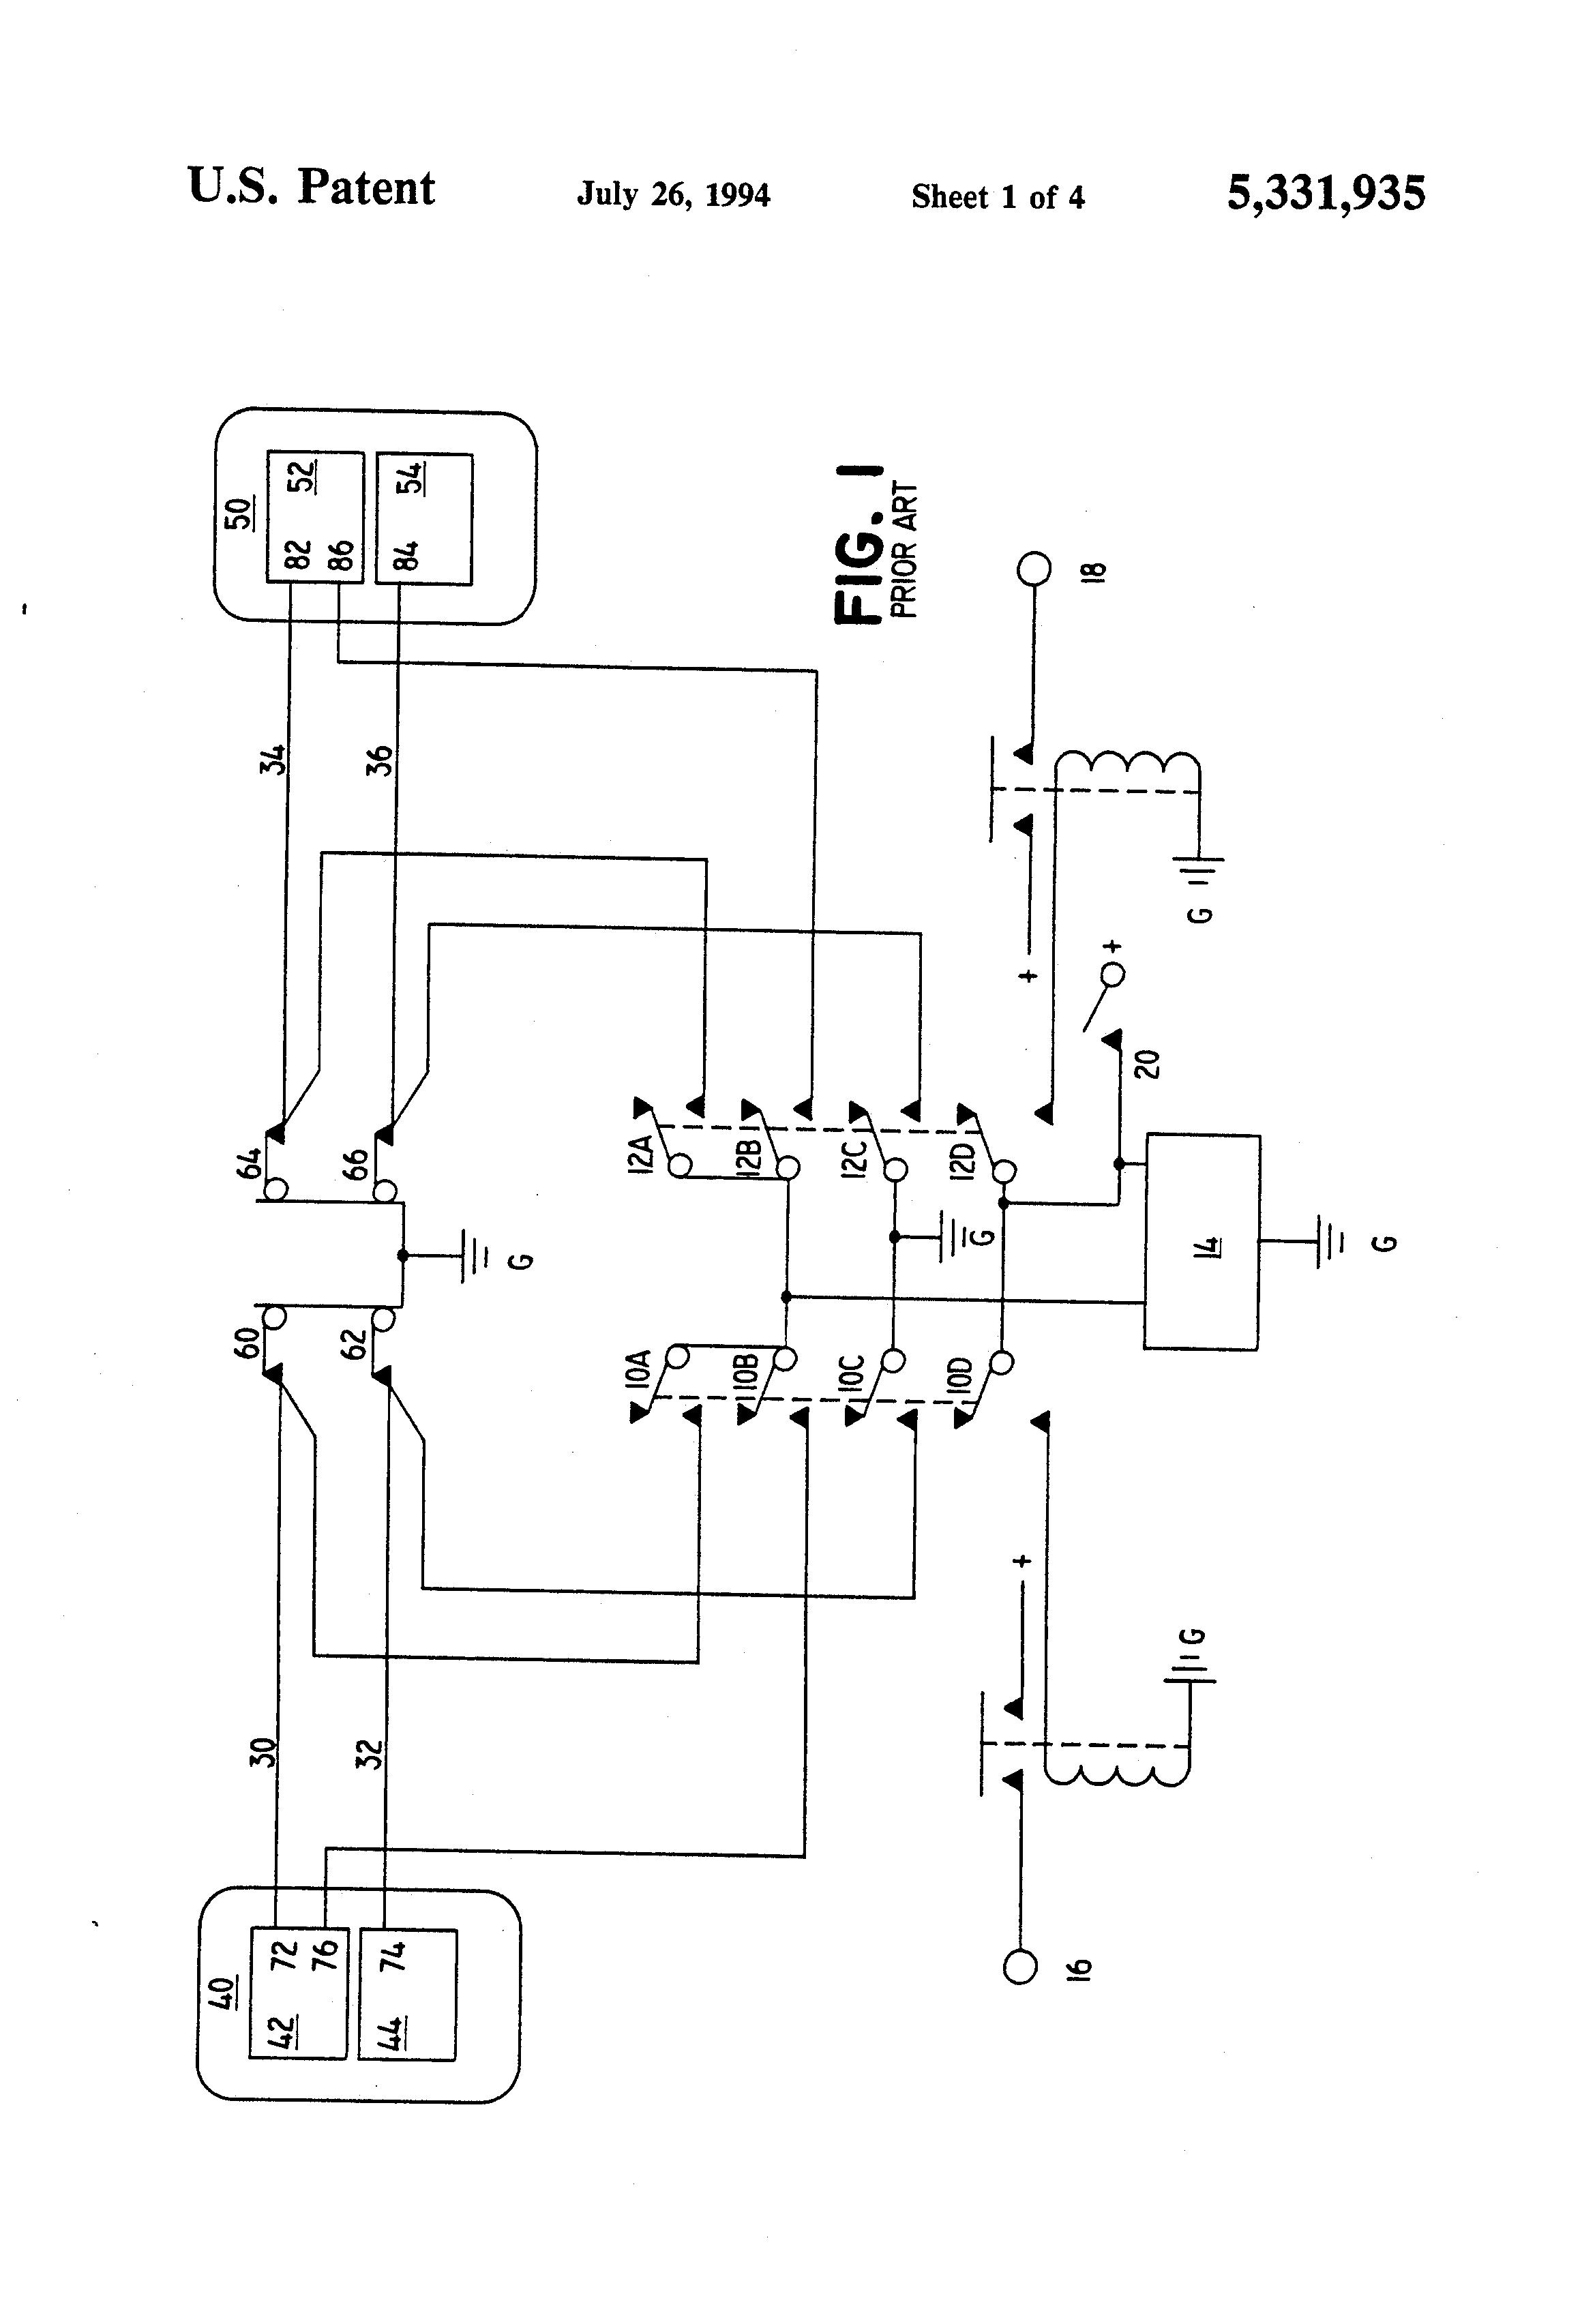 Auma Valve Wiring Diagram Wire Saturn Relay Engine Actuators Motorised And Schematics Us5331935 1